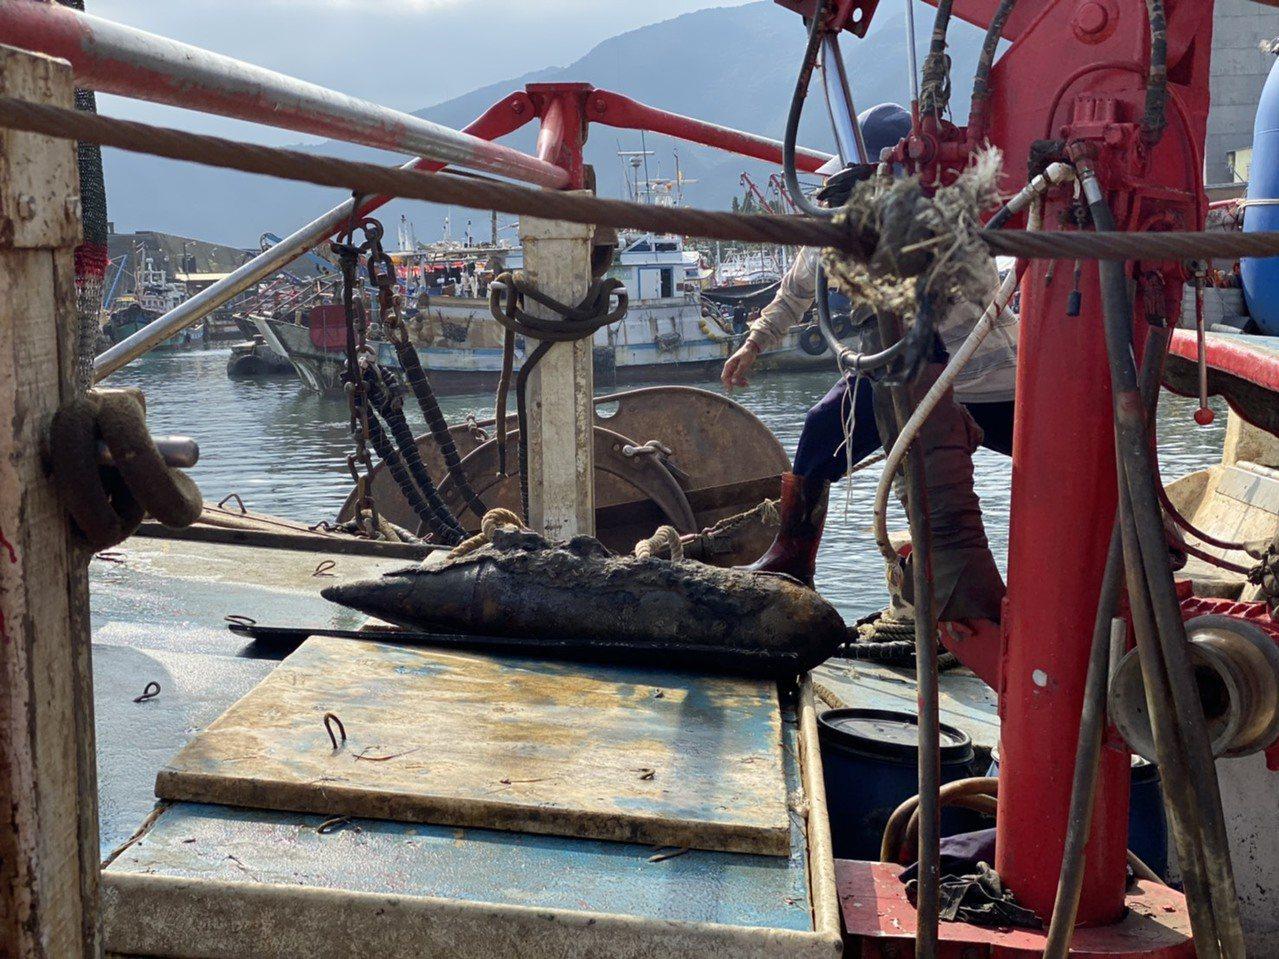 宜蘭大溪漁港又見未爆彈,海巡正封鎖現場處理中。 圖/讀者提供